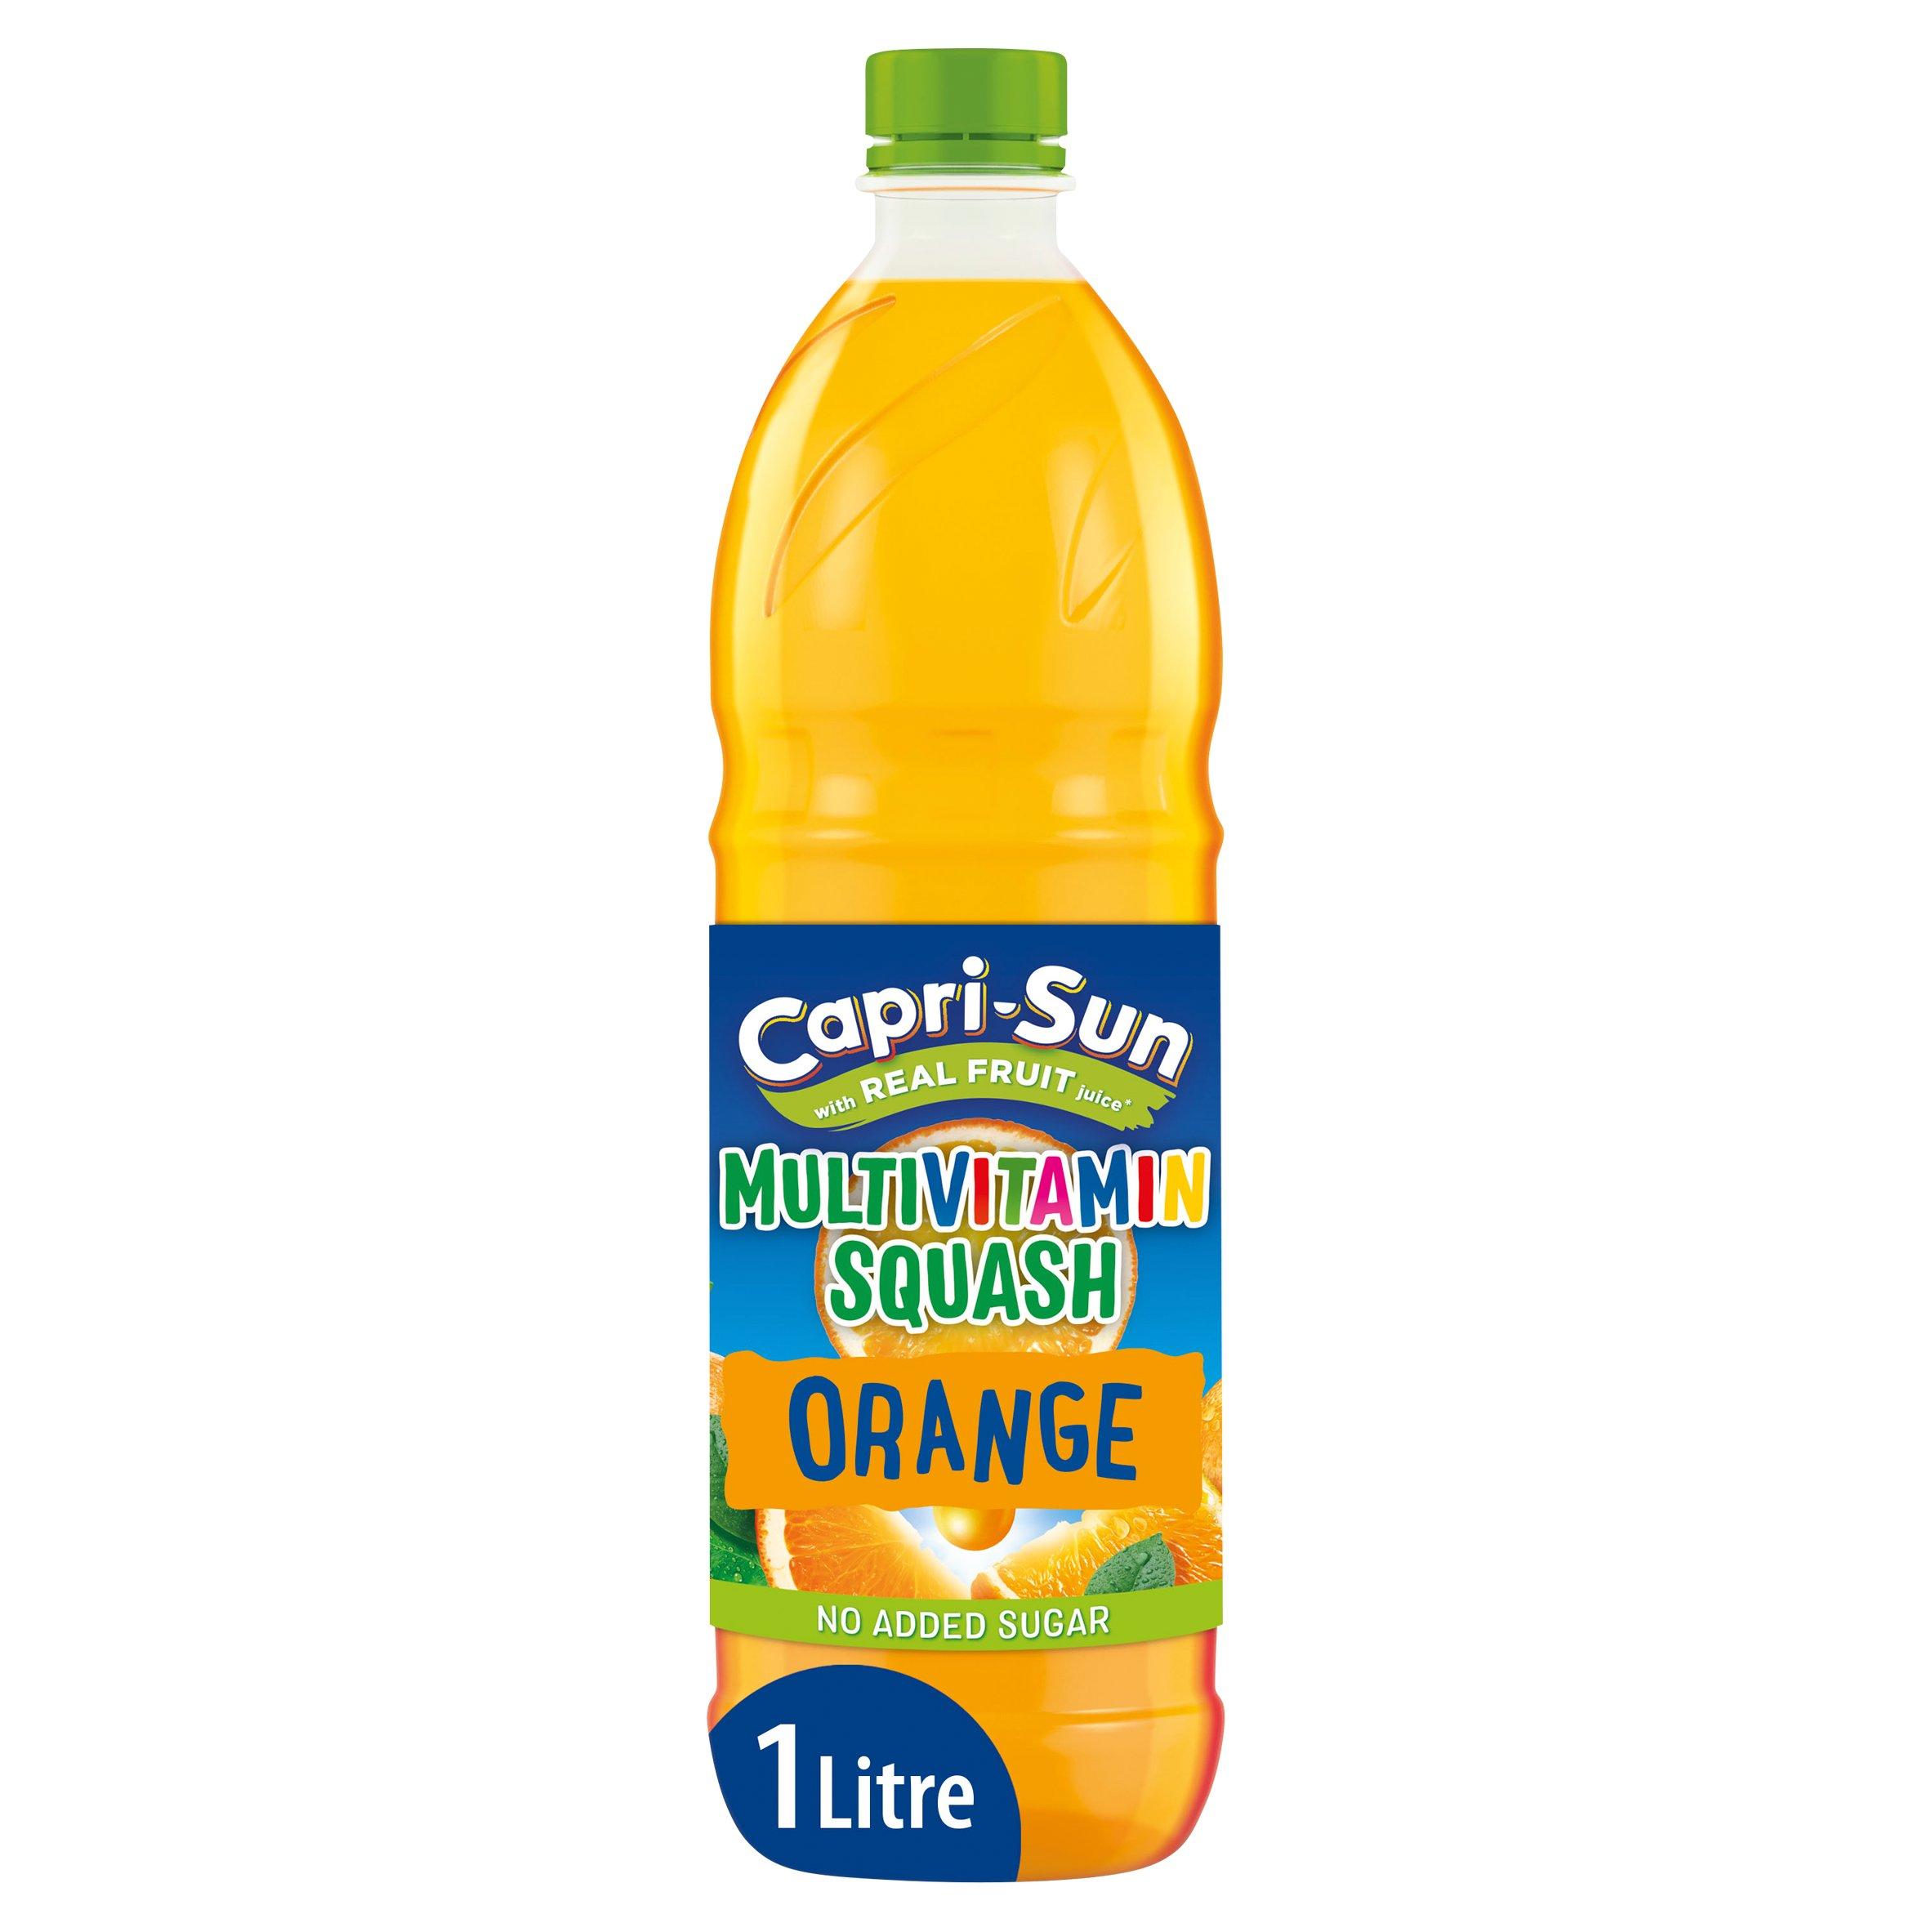 image 1 of Capri Sun No Added Sugar Multivitamin Squash Orange 1 Litre